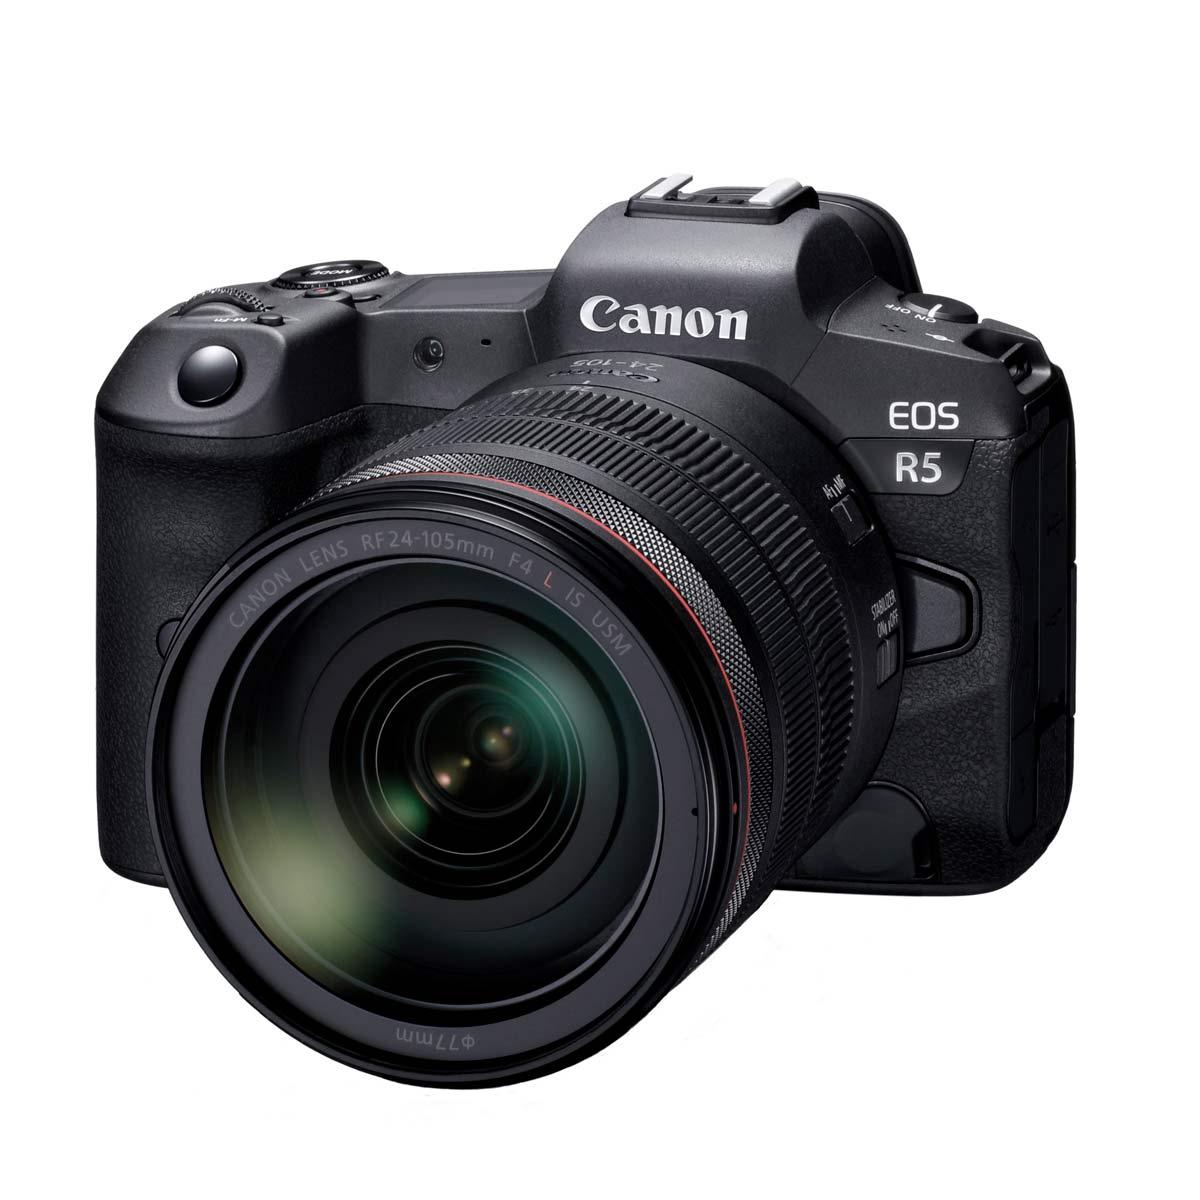 キヤノンが「EOS R5」を開発発表! 8K動画、ボディ内手ぶれ補正を搭載